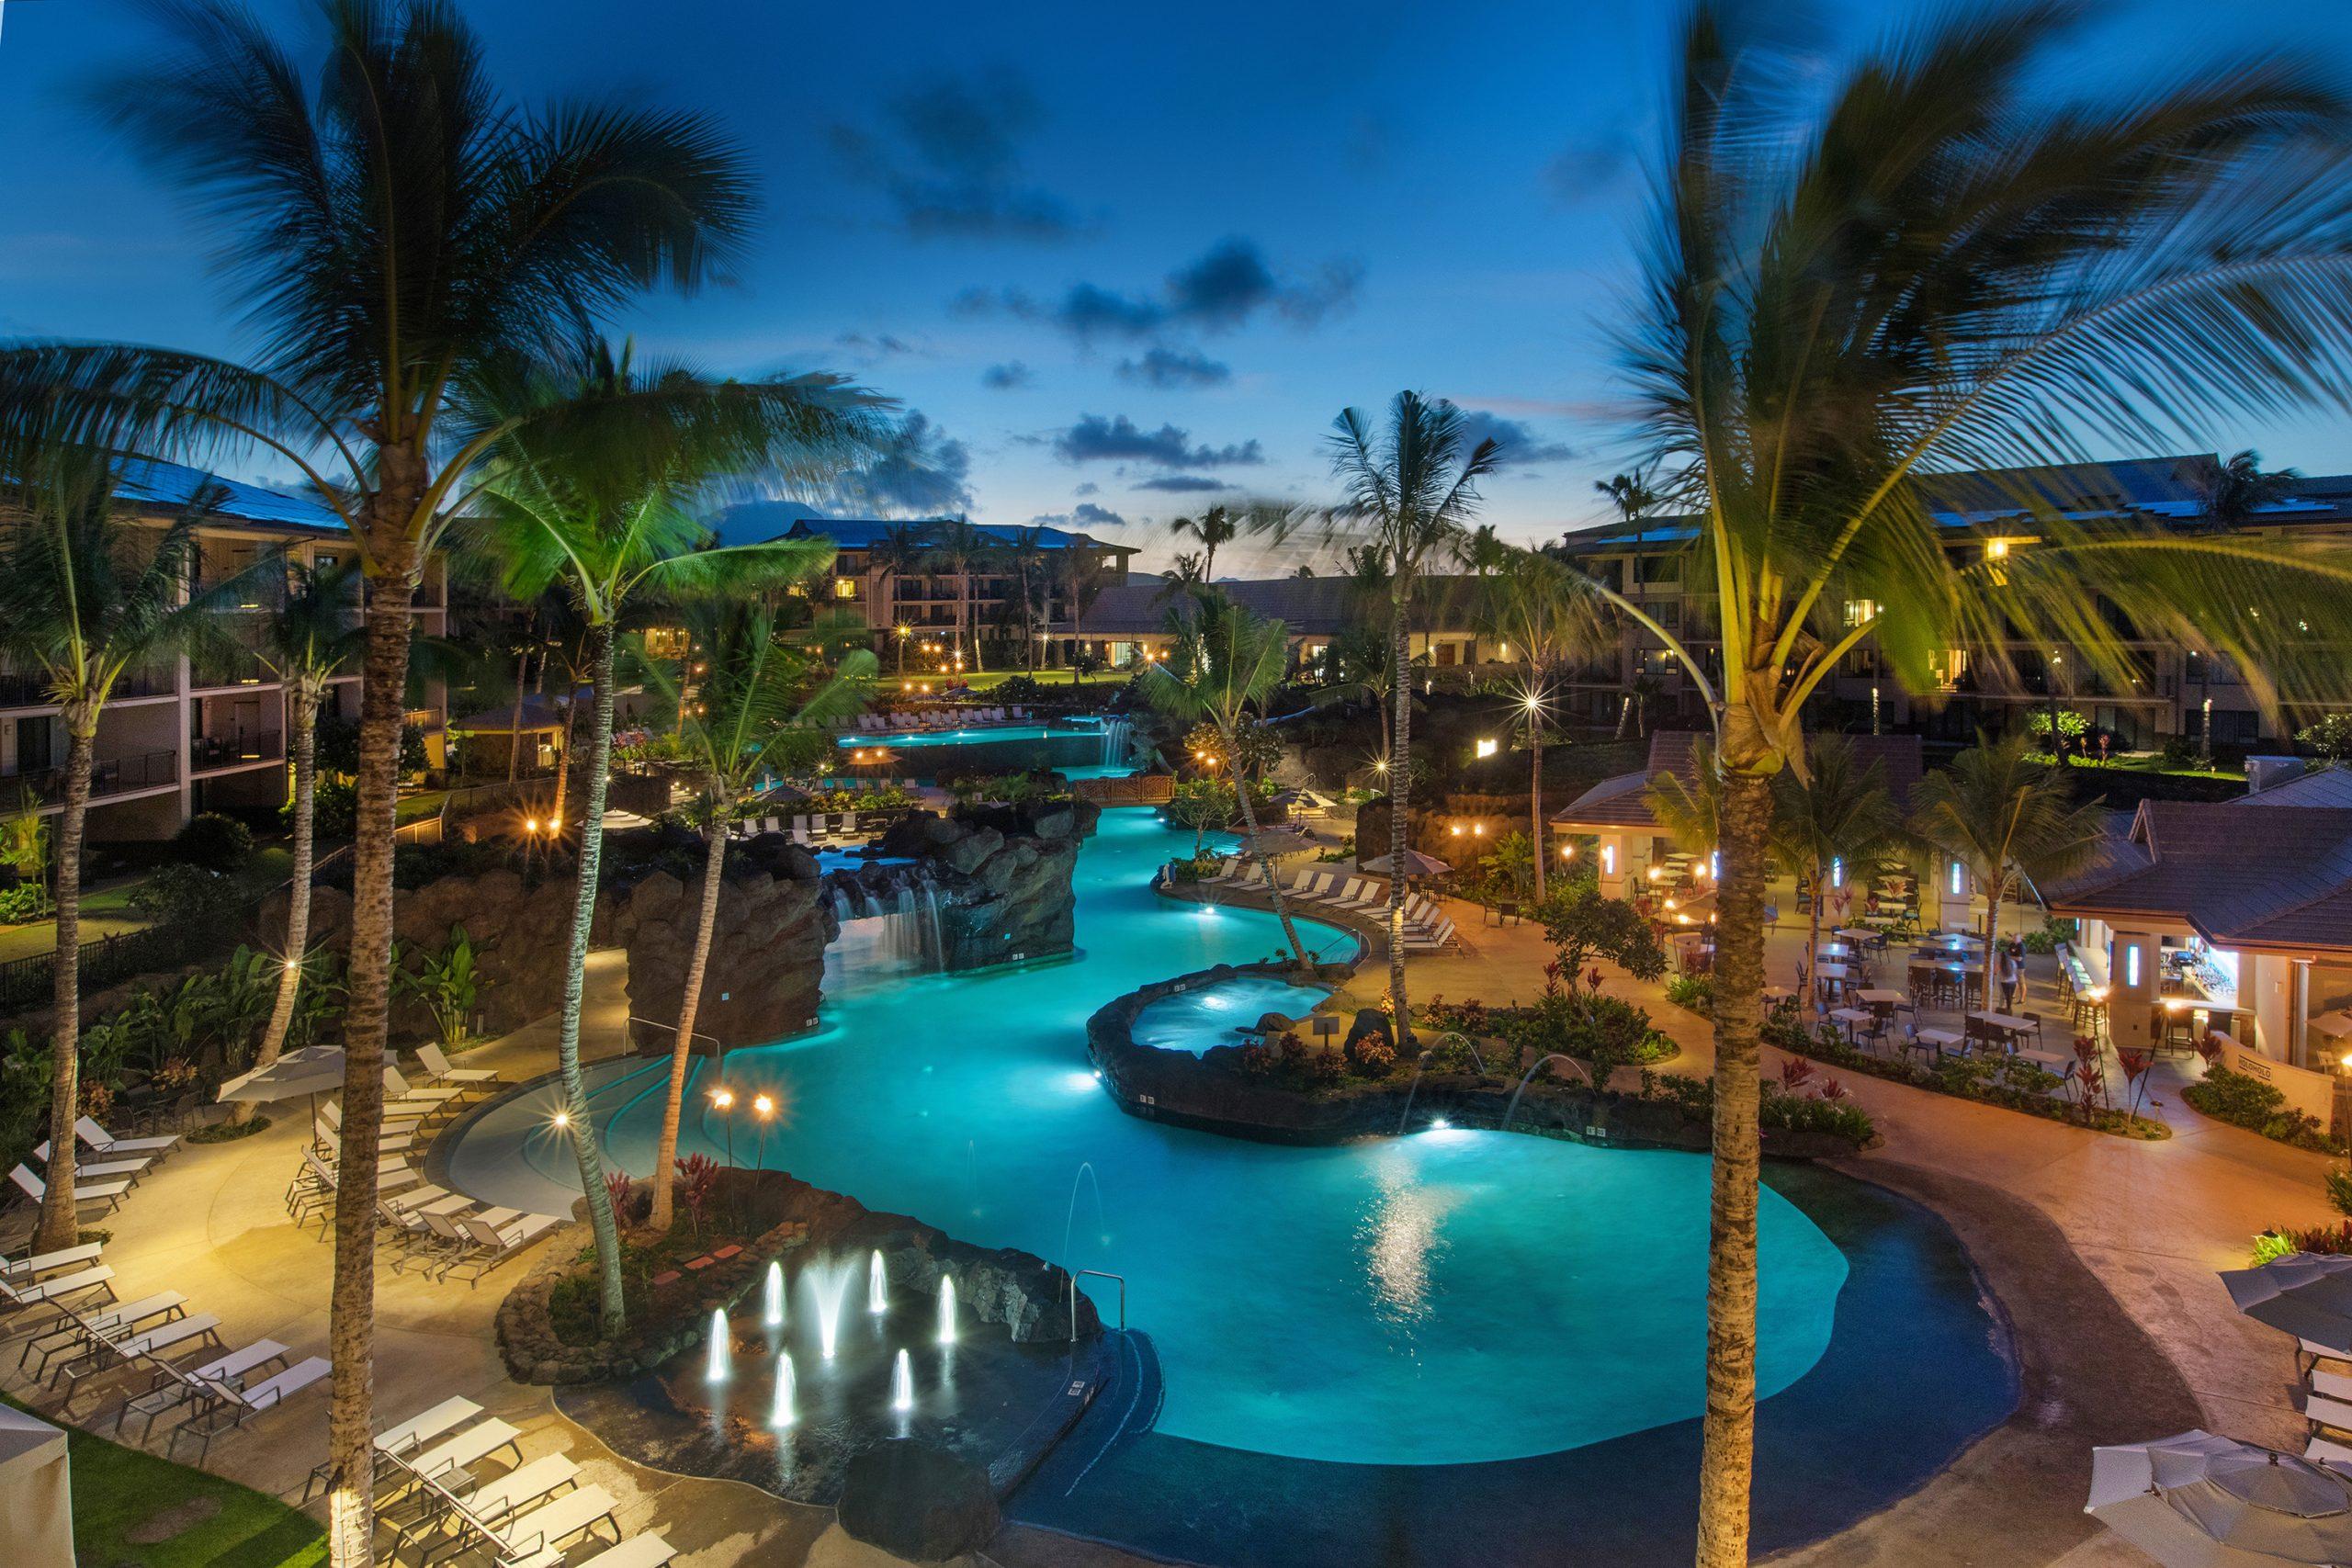 Koloa Landing Resort Pool at dusk